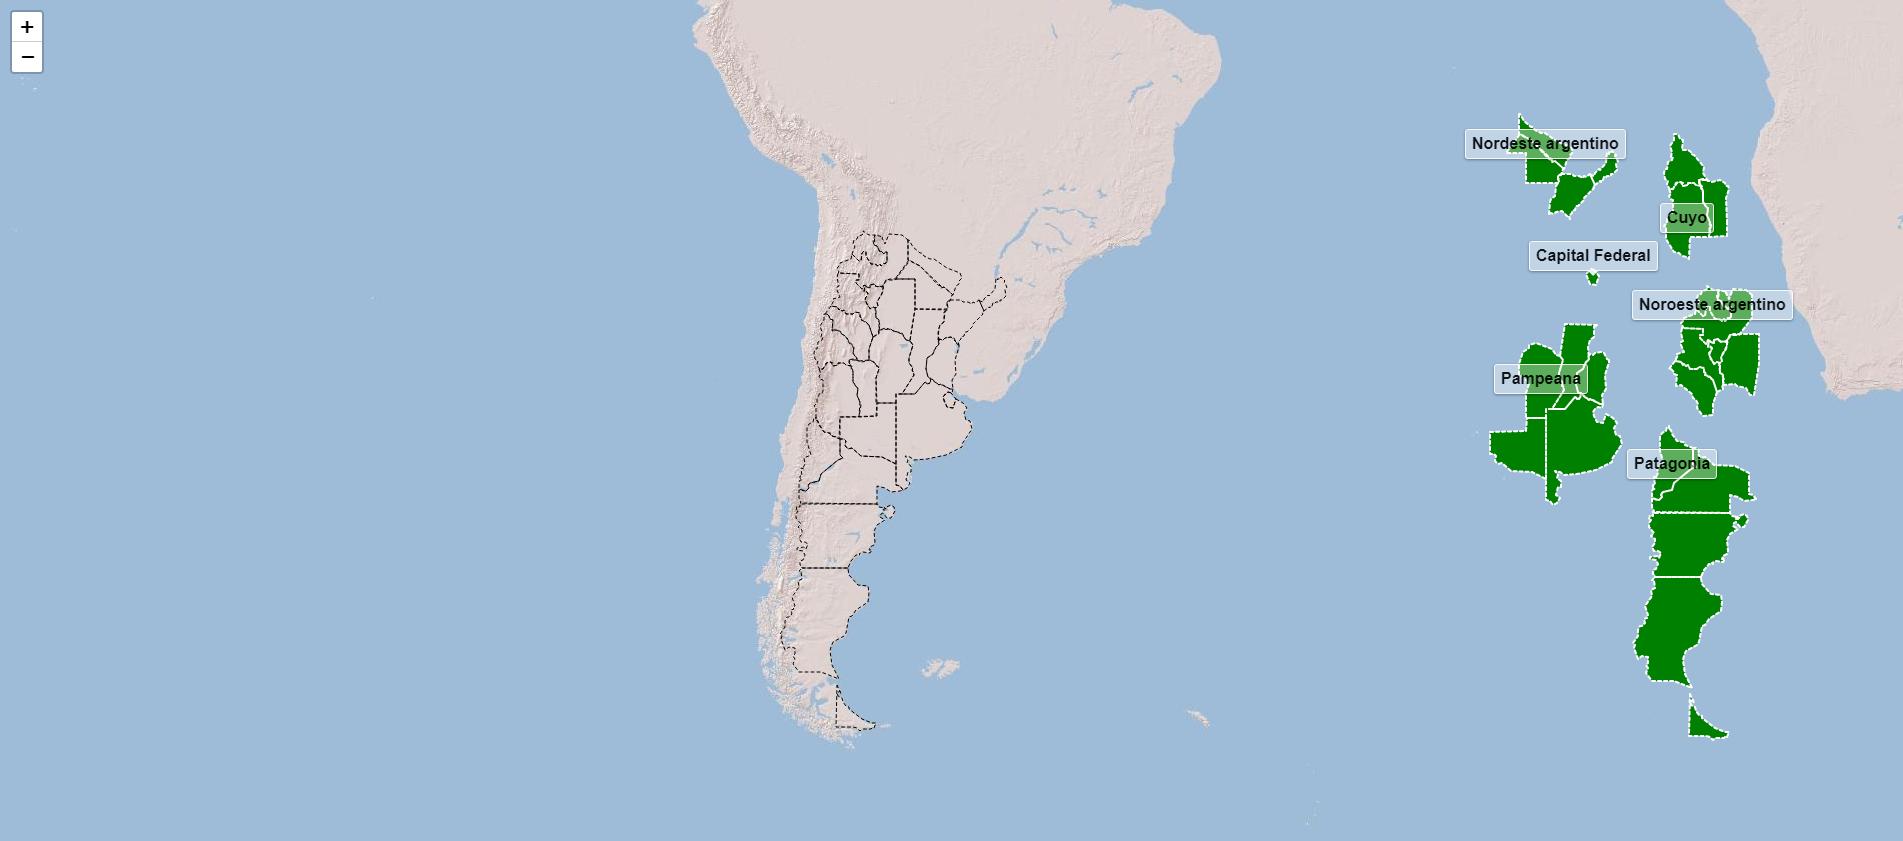 Regiones de Argentina